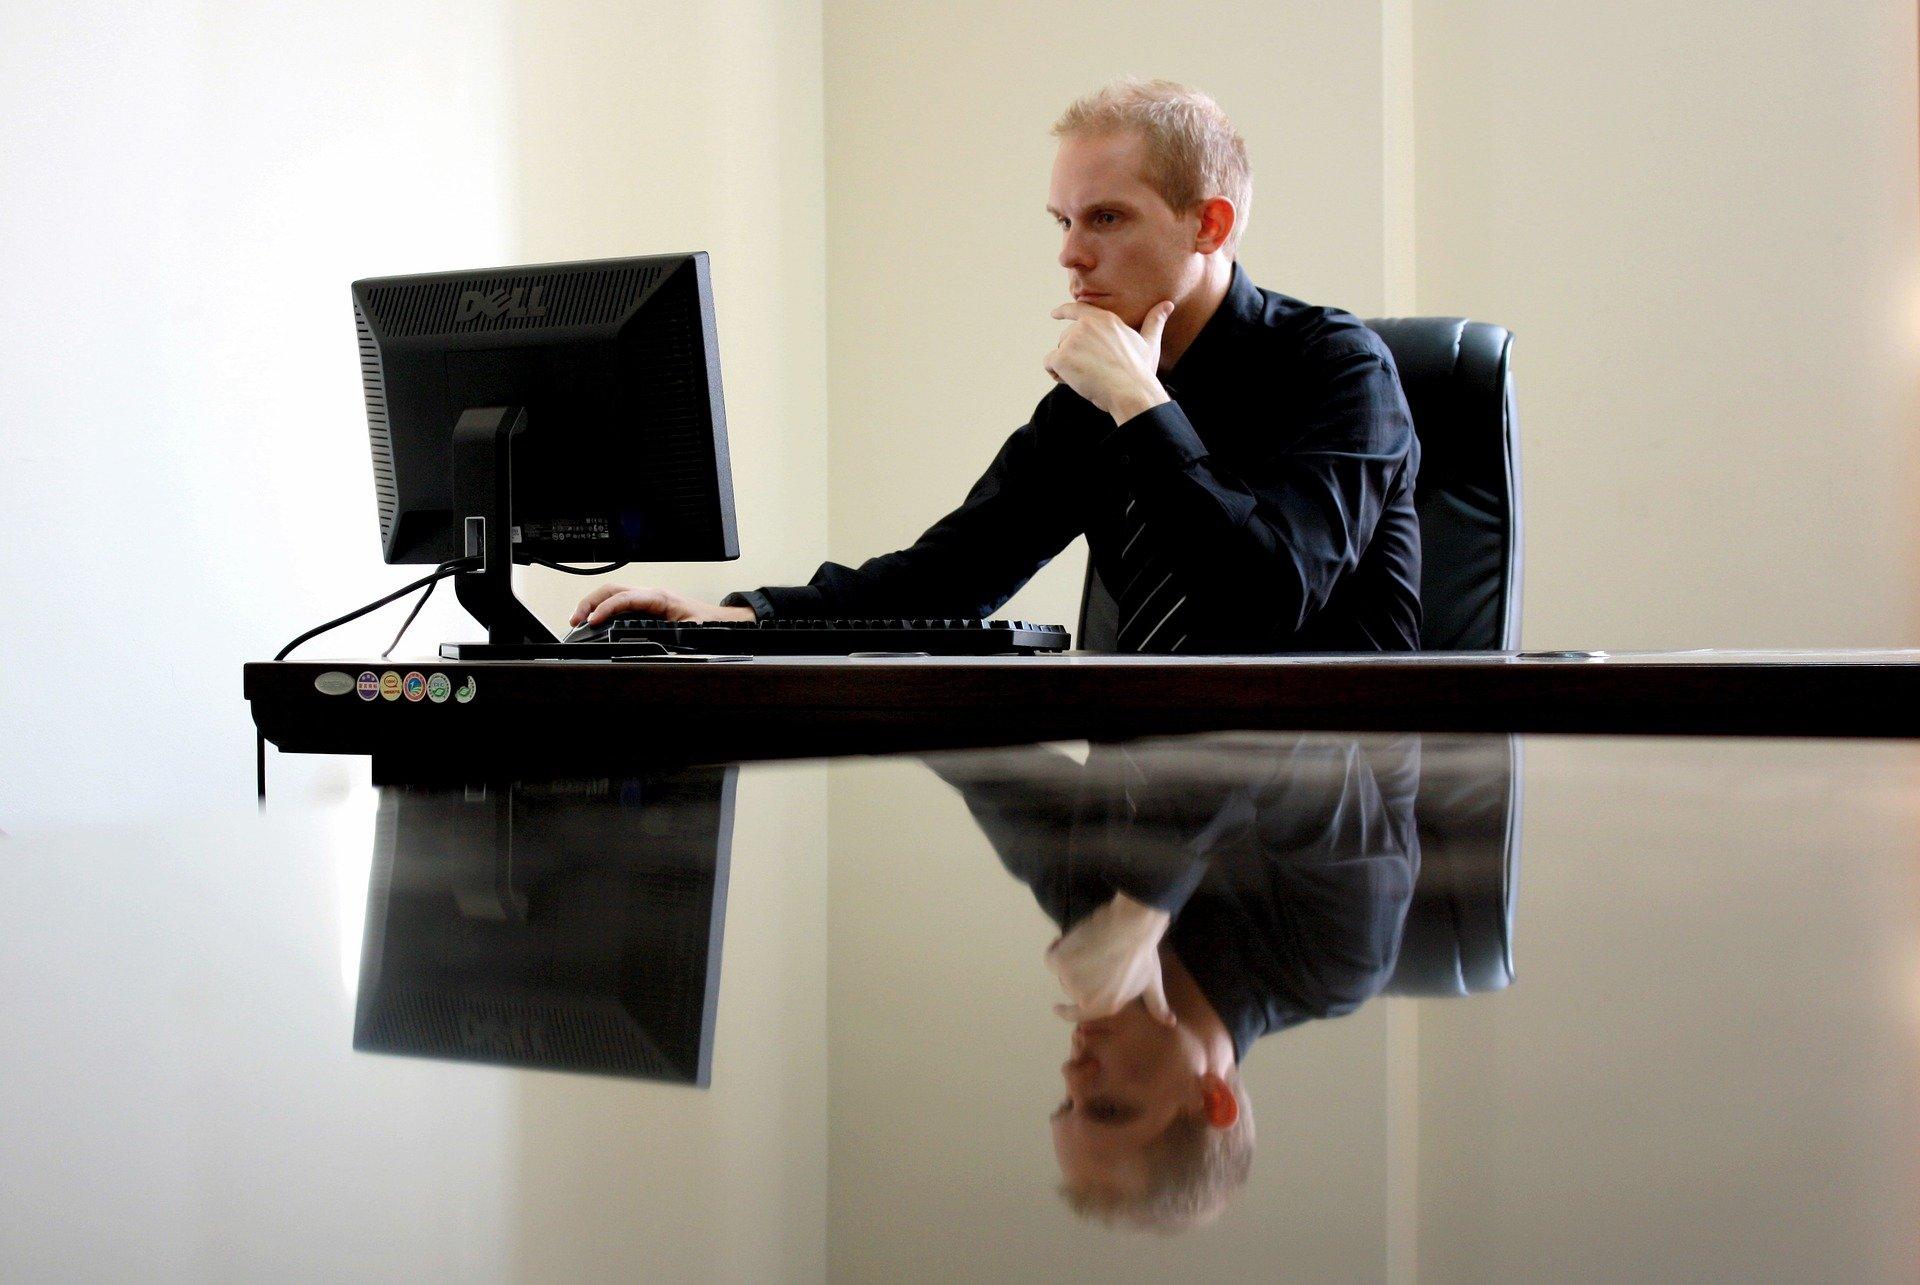 Tramita de la forma más rápida posible tus documentos administrativos con Servicios de Tramitación Online